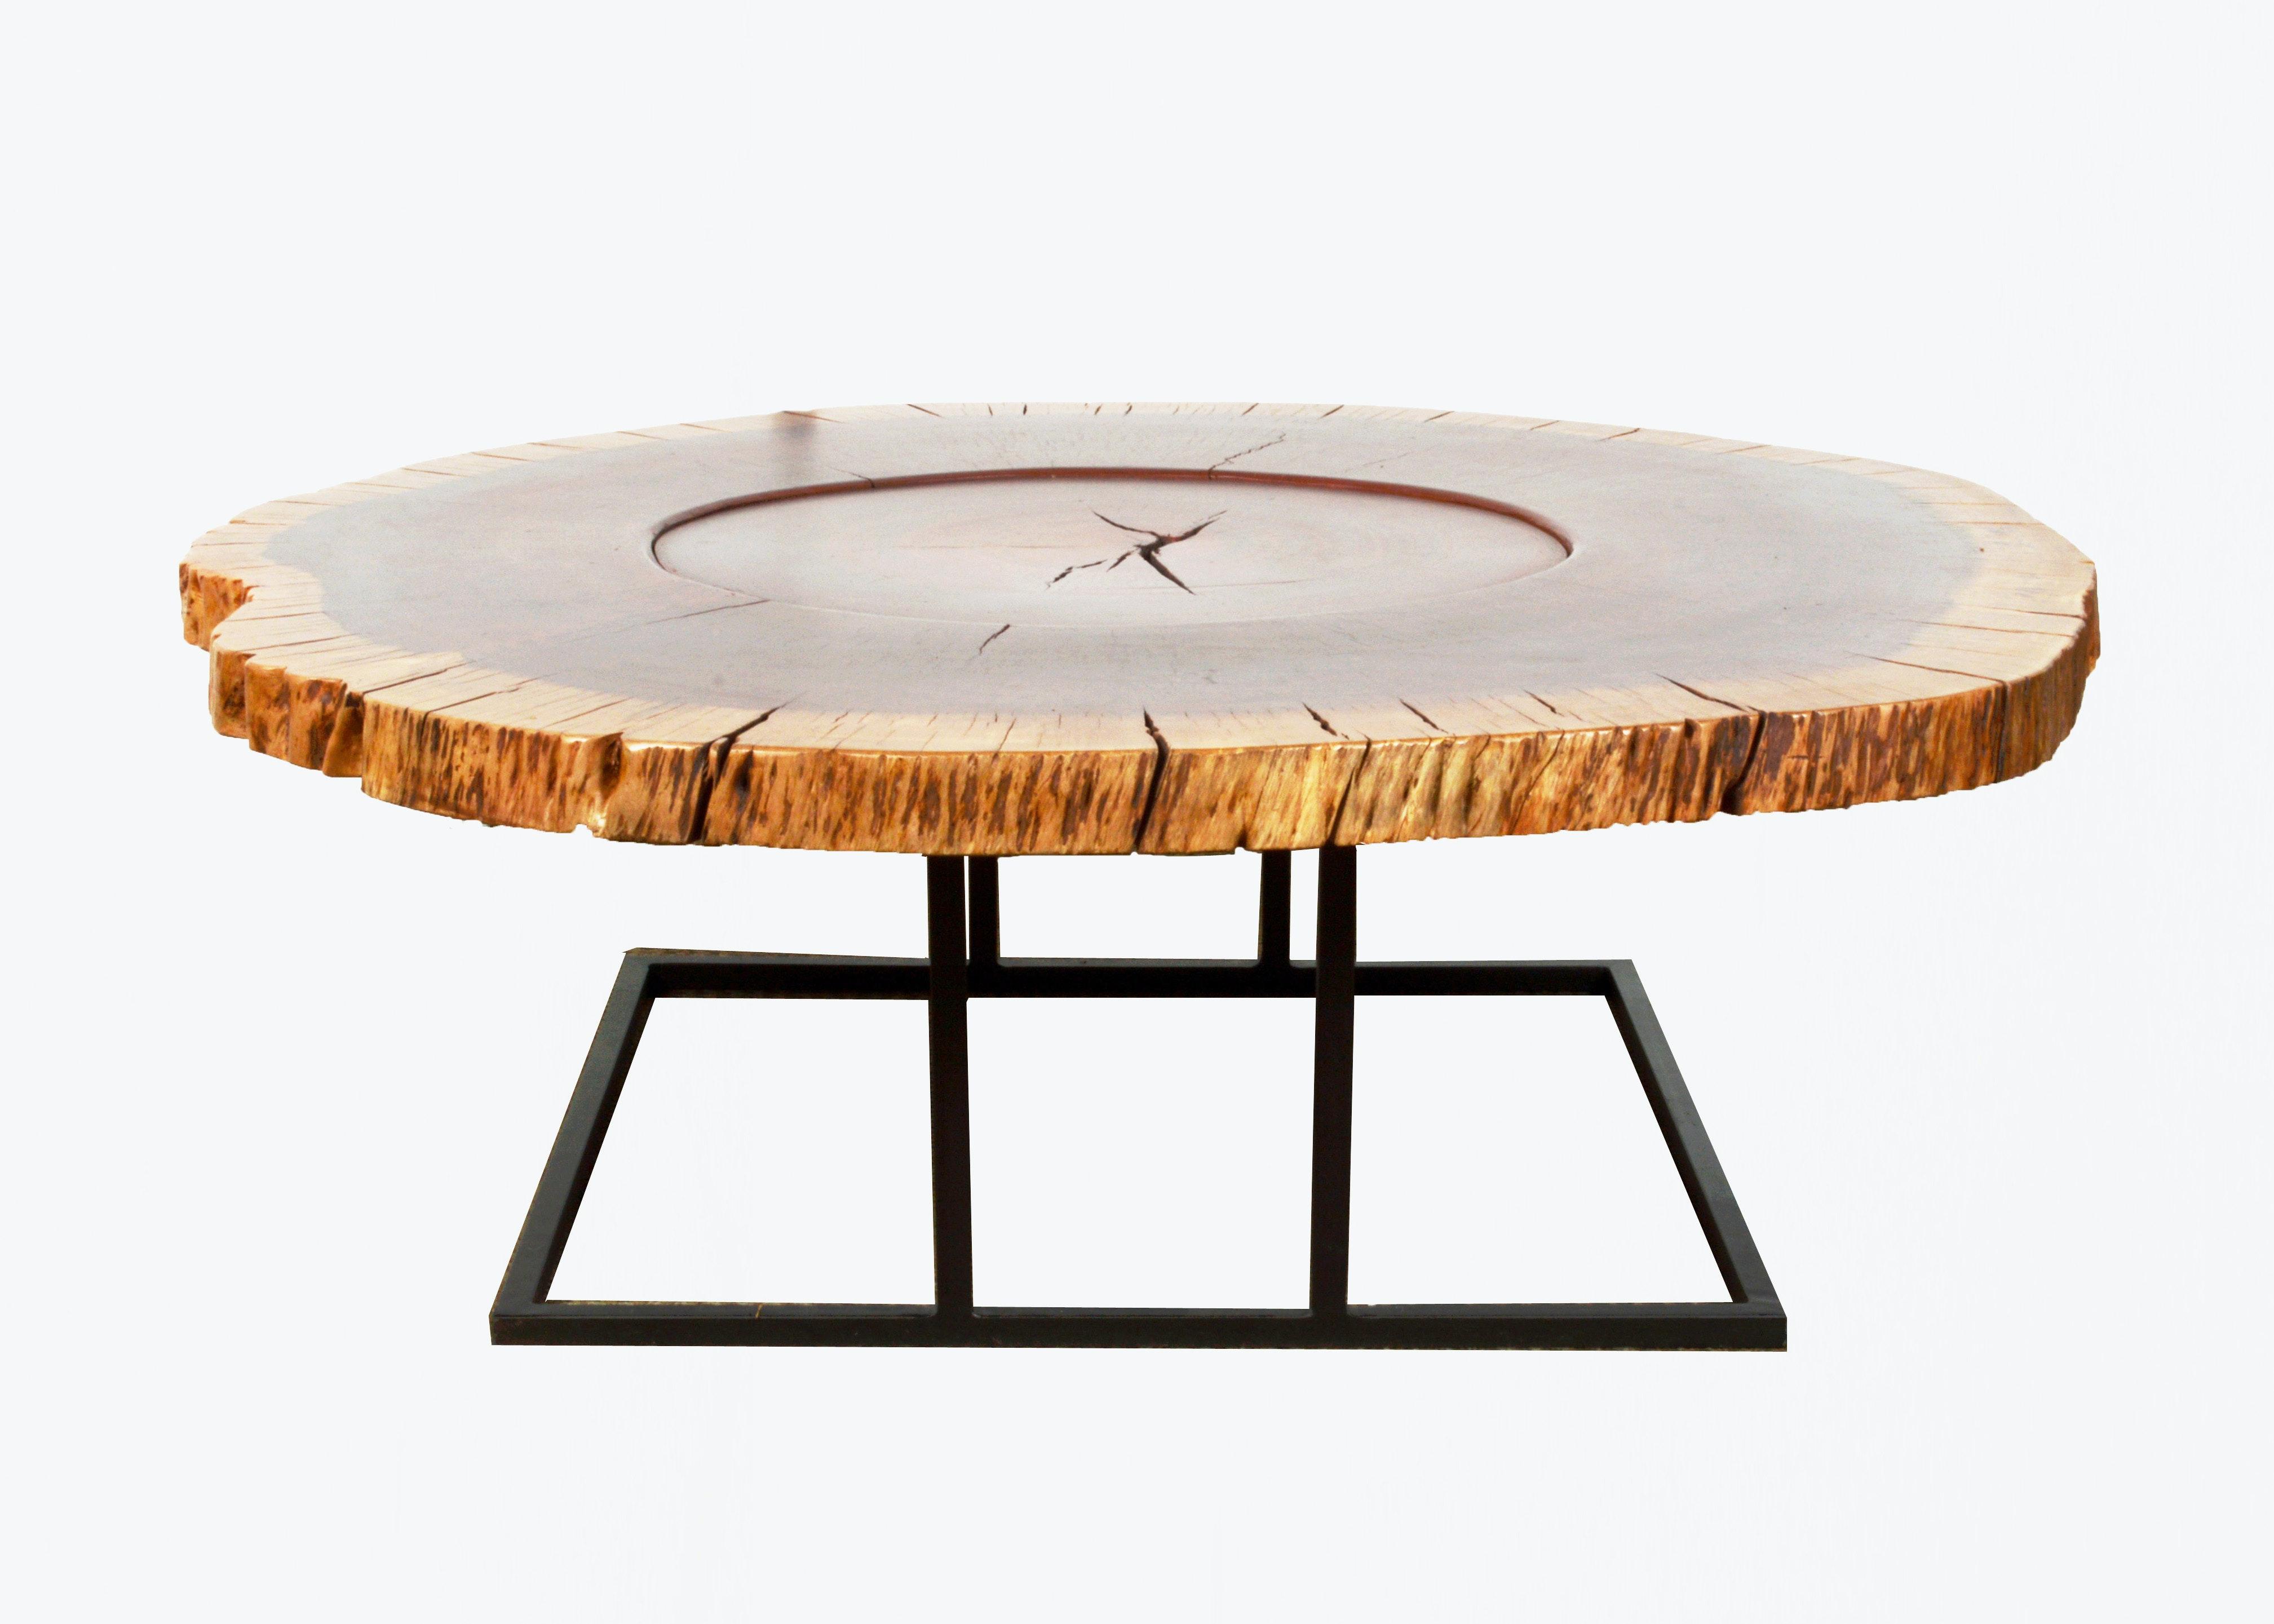 Rajuela Wood Tree Slice Cocktail Table By Taracea ...